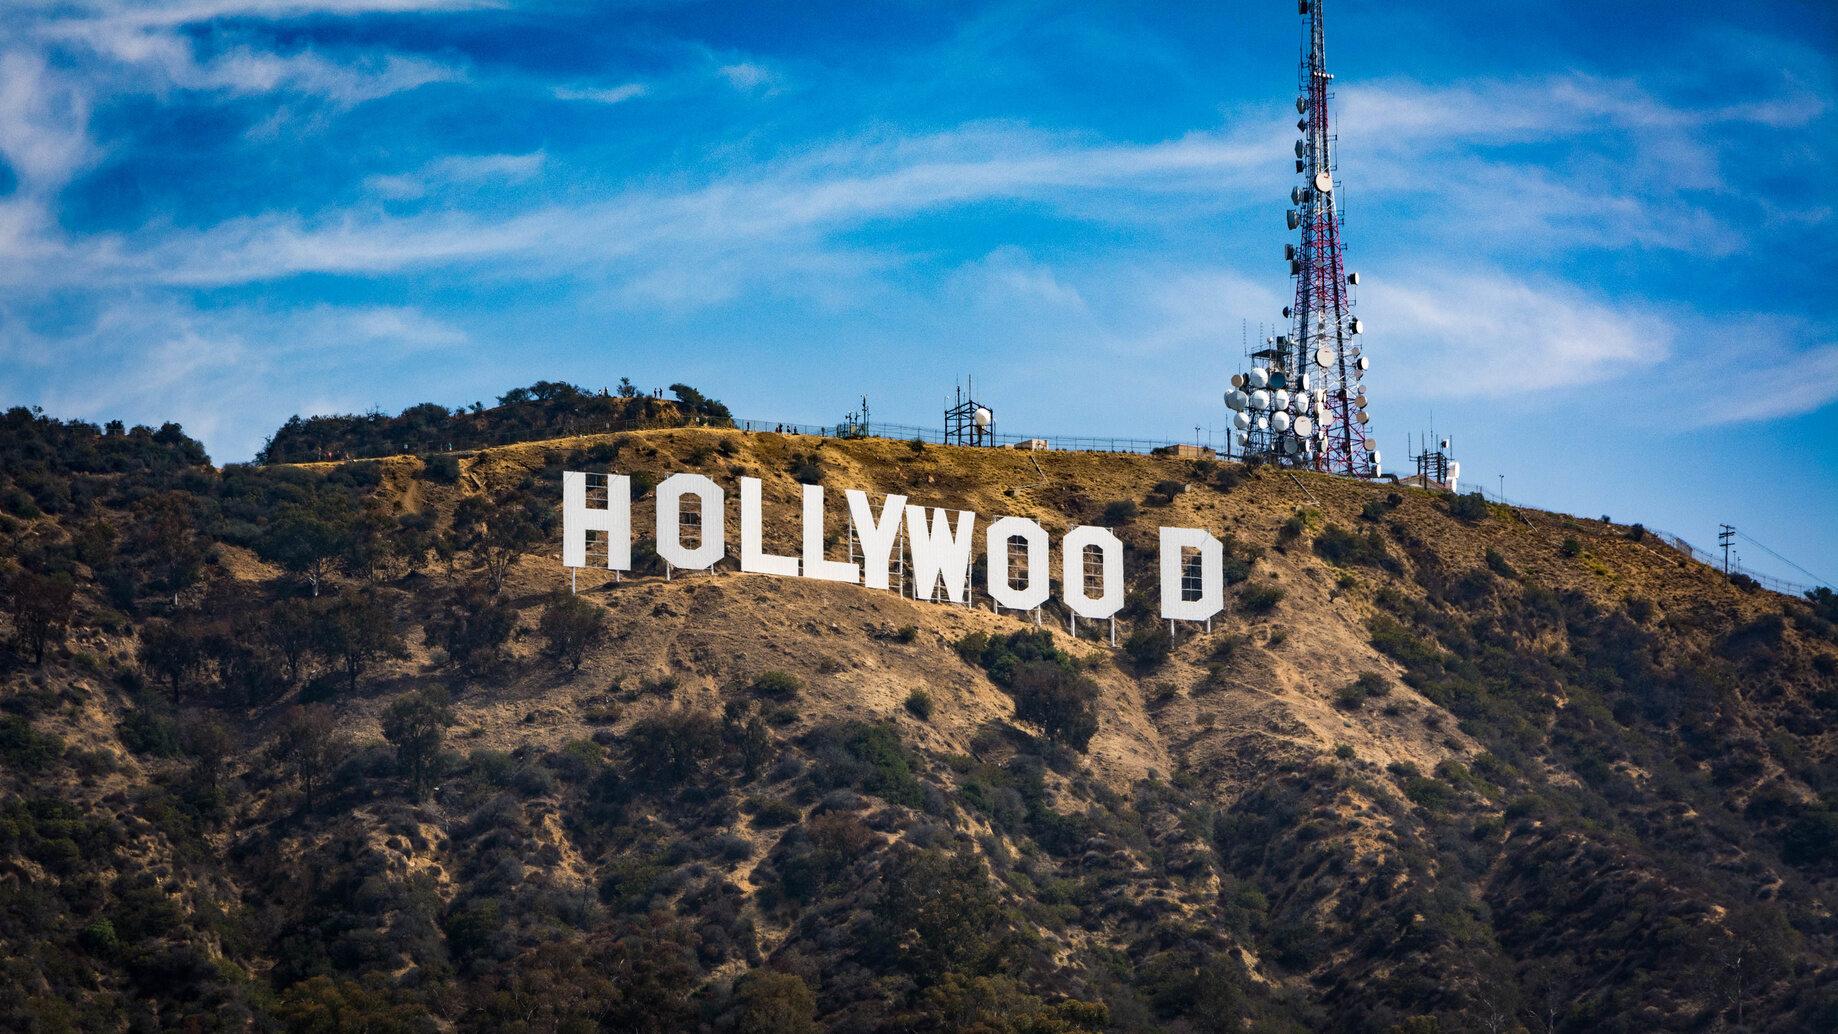 Hollywood. Zdjęcie ilustracyjne